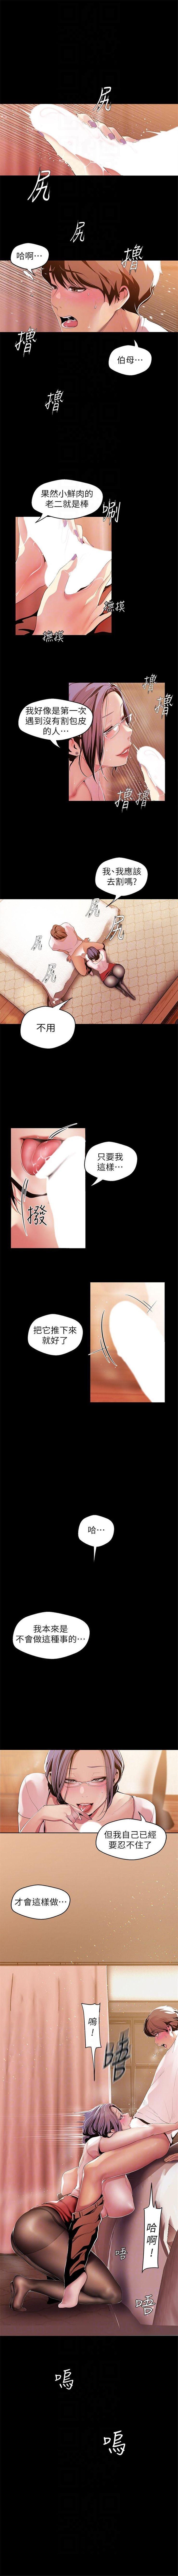 (週1)美麗新世界 1-76 中文翻譯 (更新中) 357